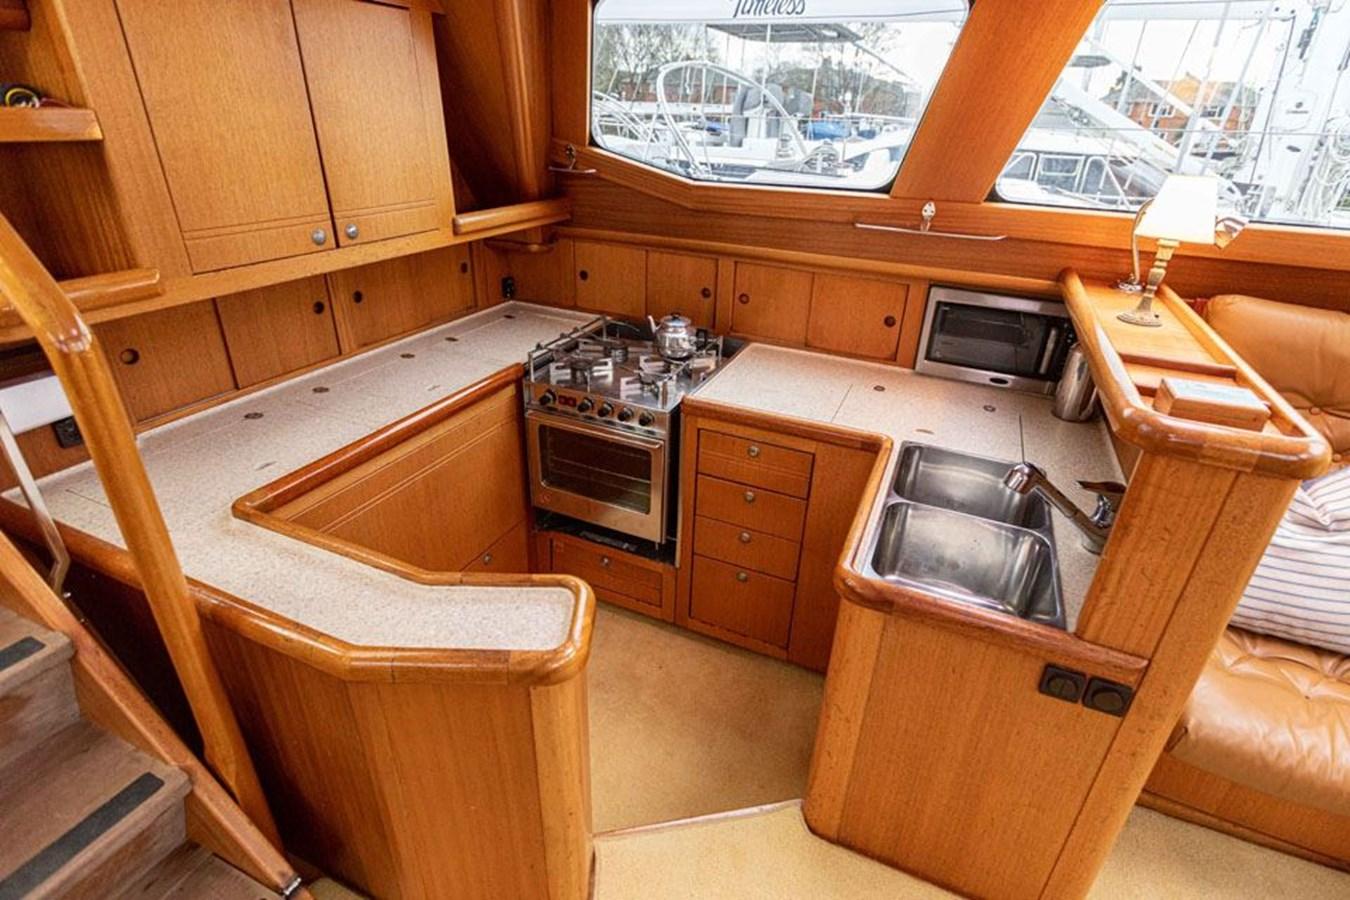 farr-60-pilothouse-18 1999 NAJAD Farr 60 Pilothouse Cruising Sailboat 2830112